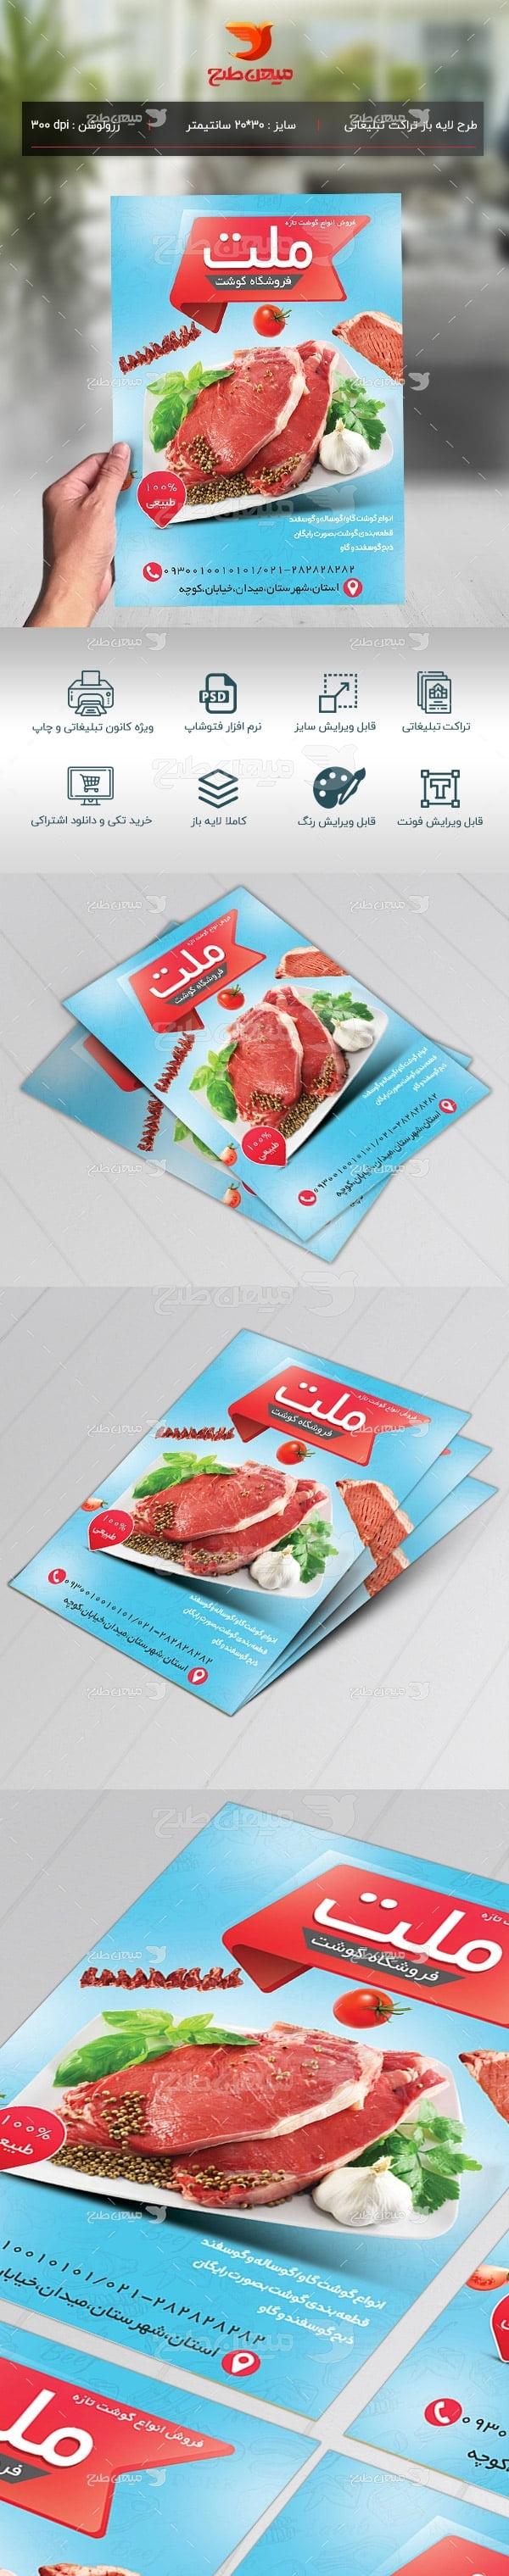 طرح لایه باز تراکت تبلیغاتی فروشگاه گوشت